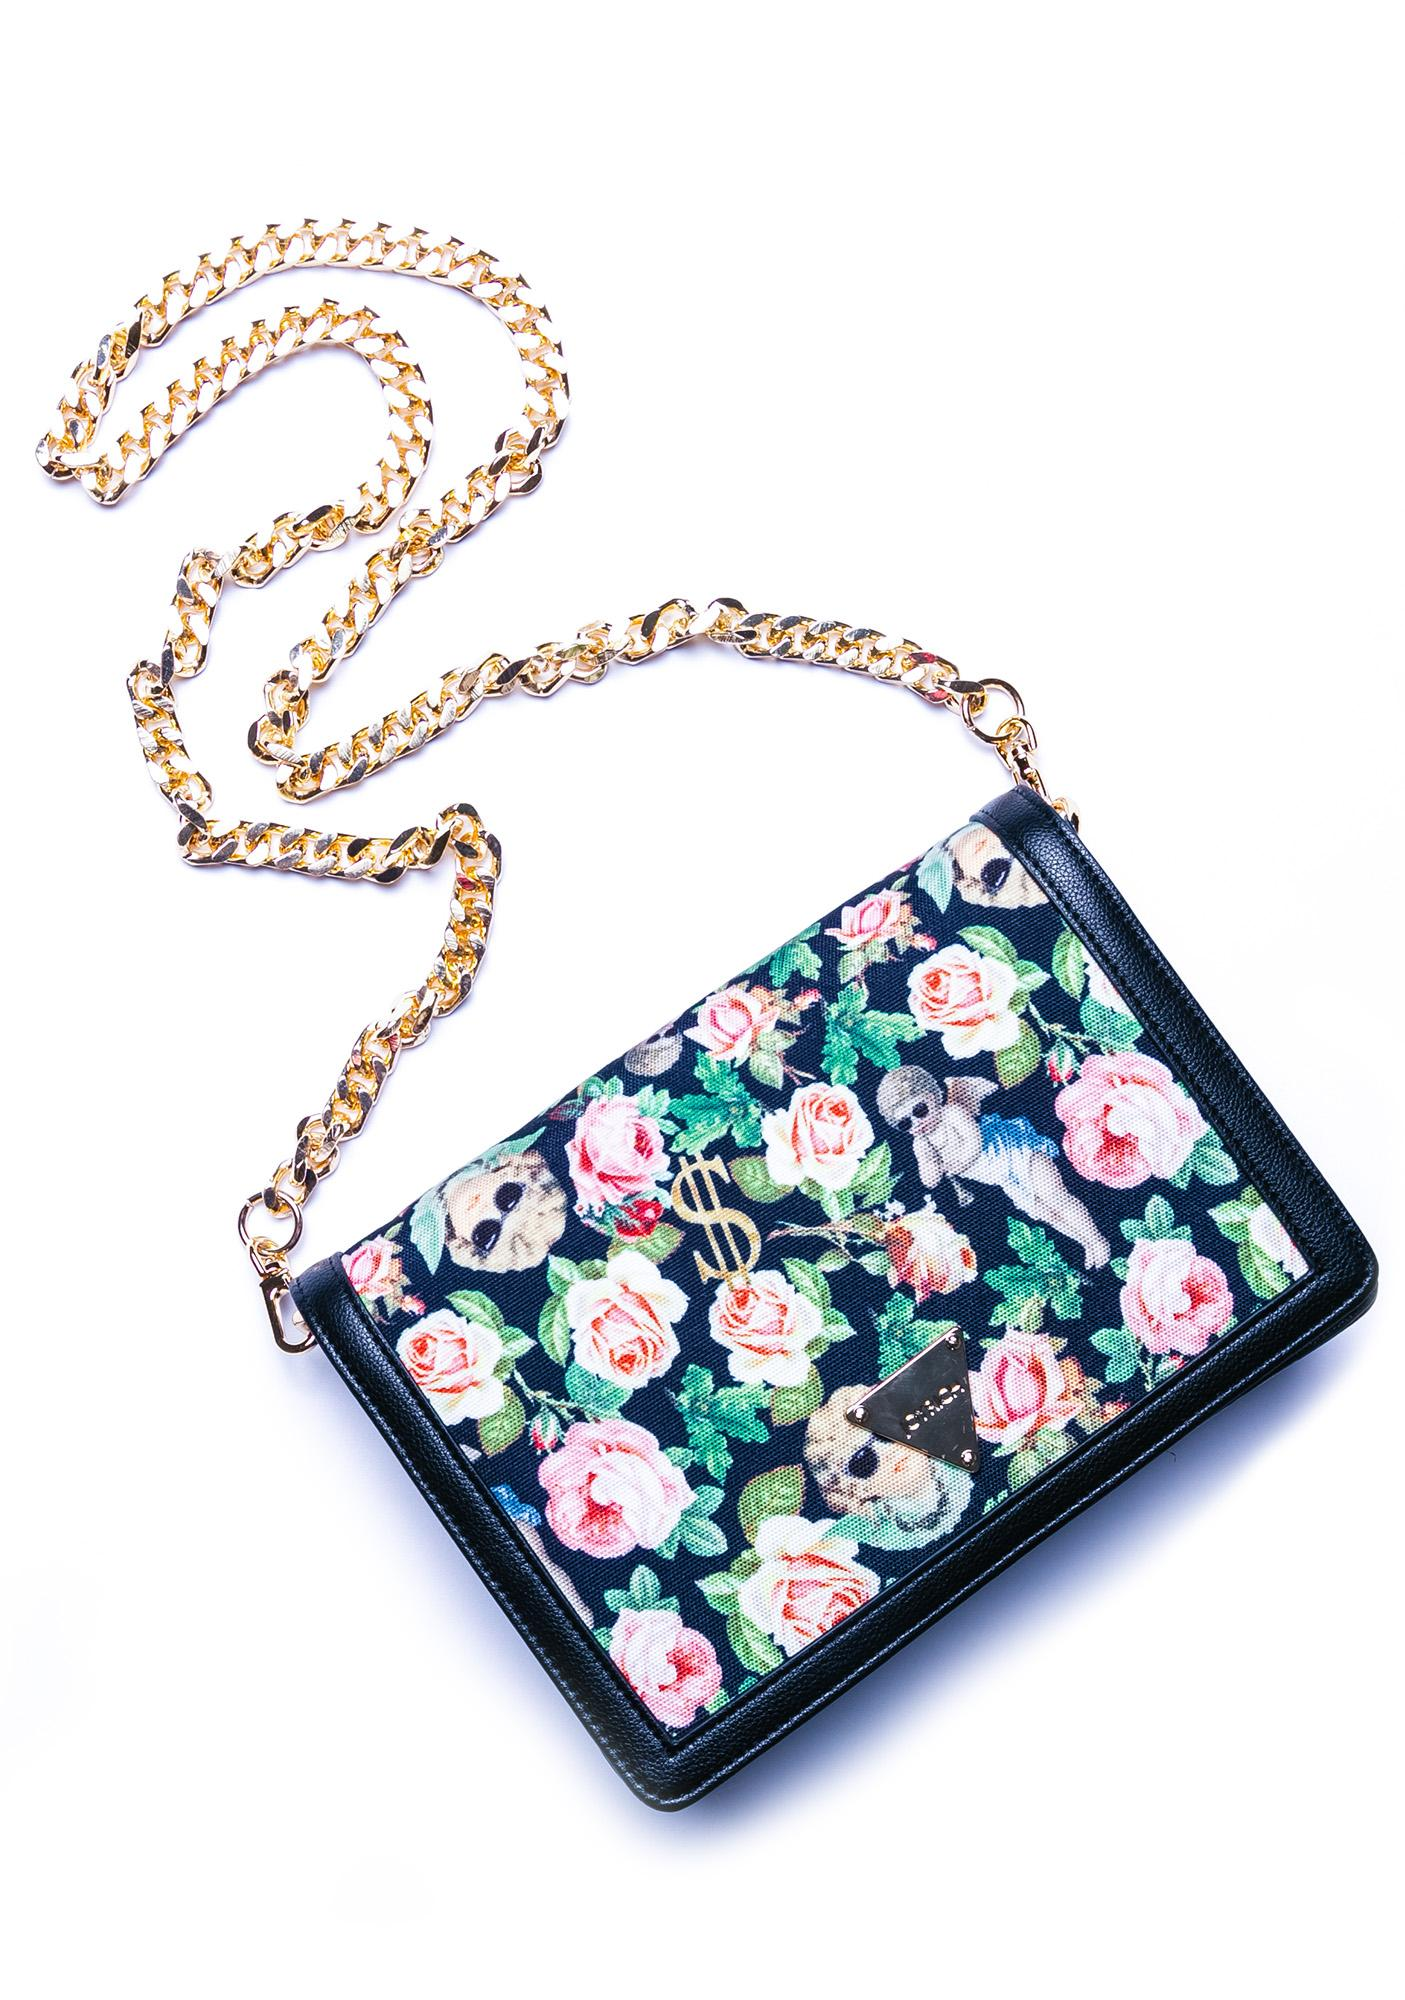 Joyrich Angelic Rich Floral Shoulder Bag